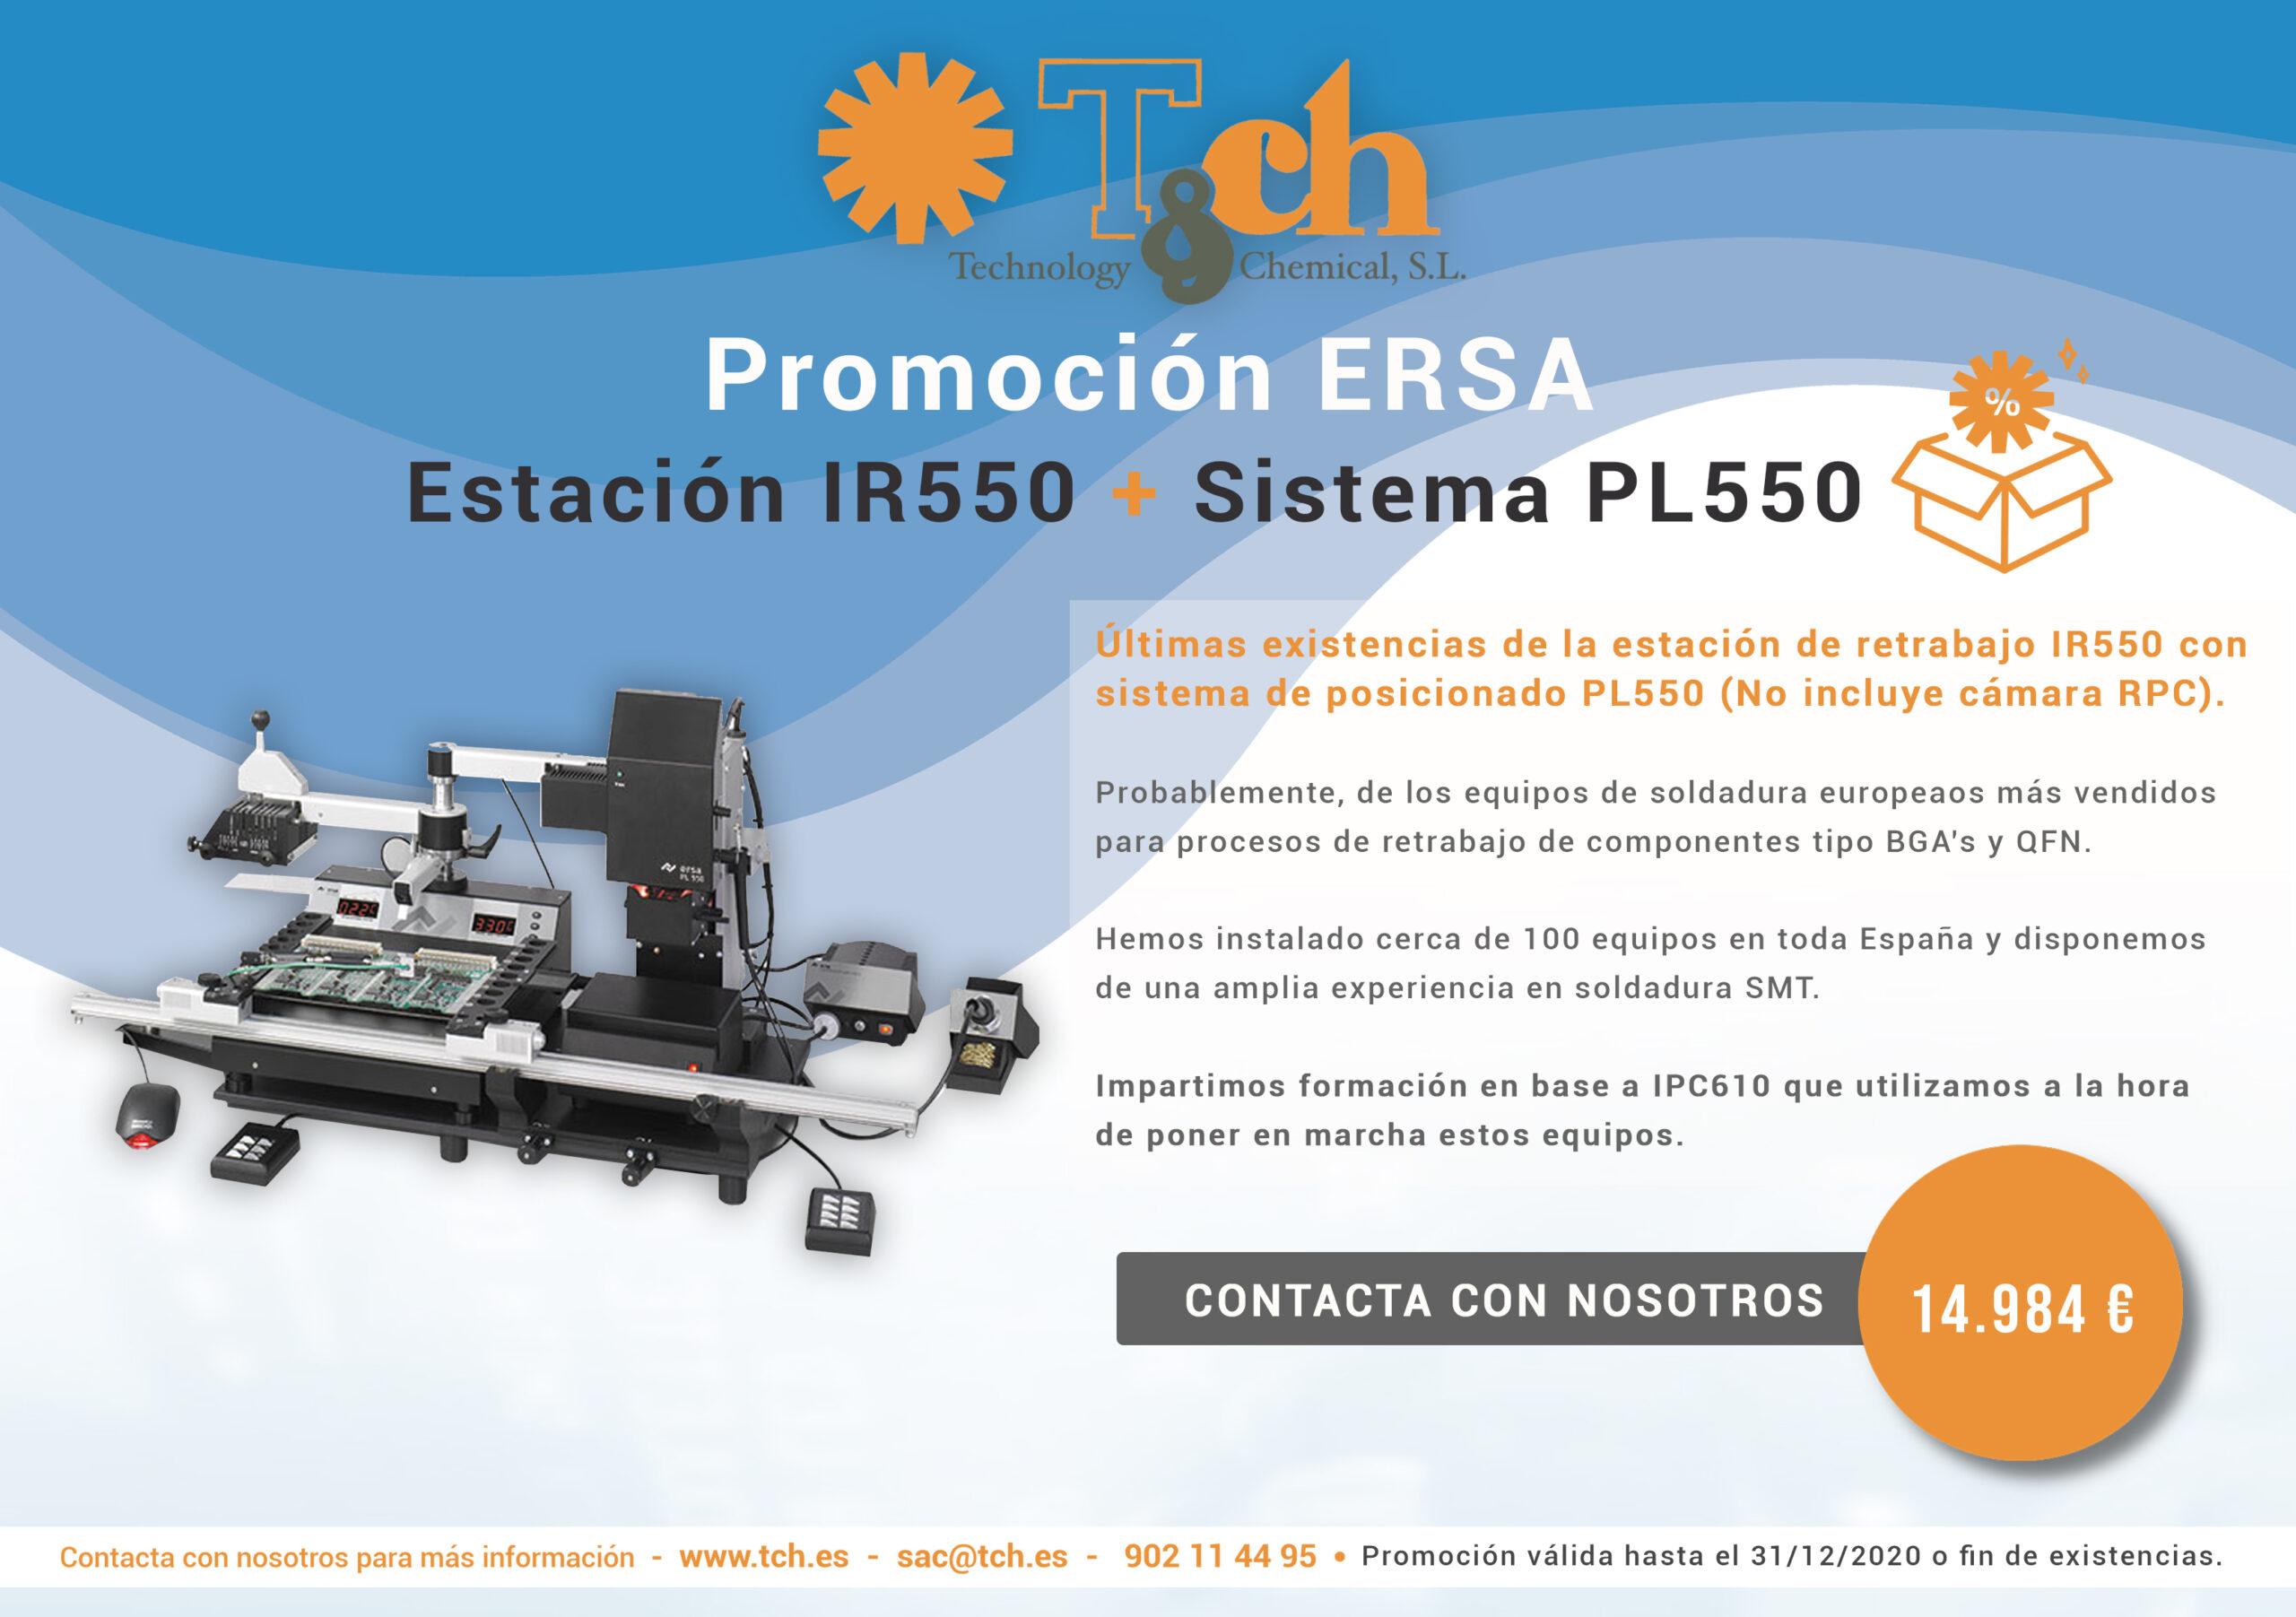 Promoción ERSA estación de retrabajo IR550 con sistema de posicionado PL550